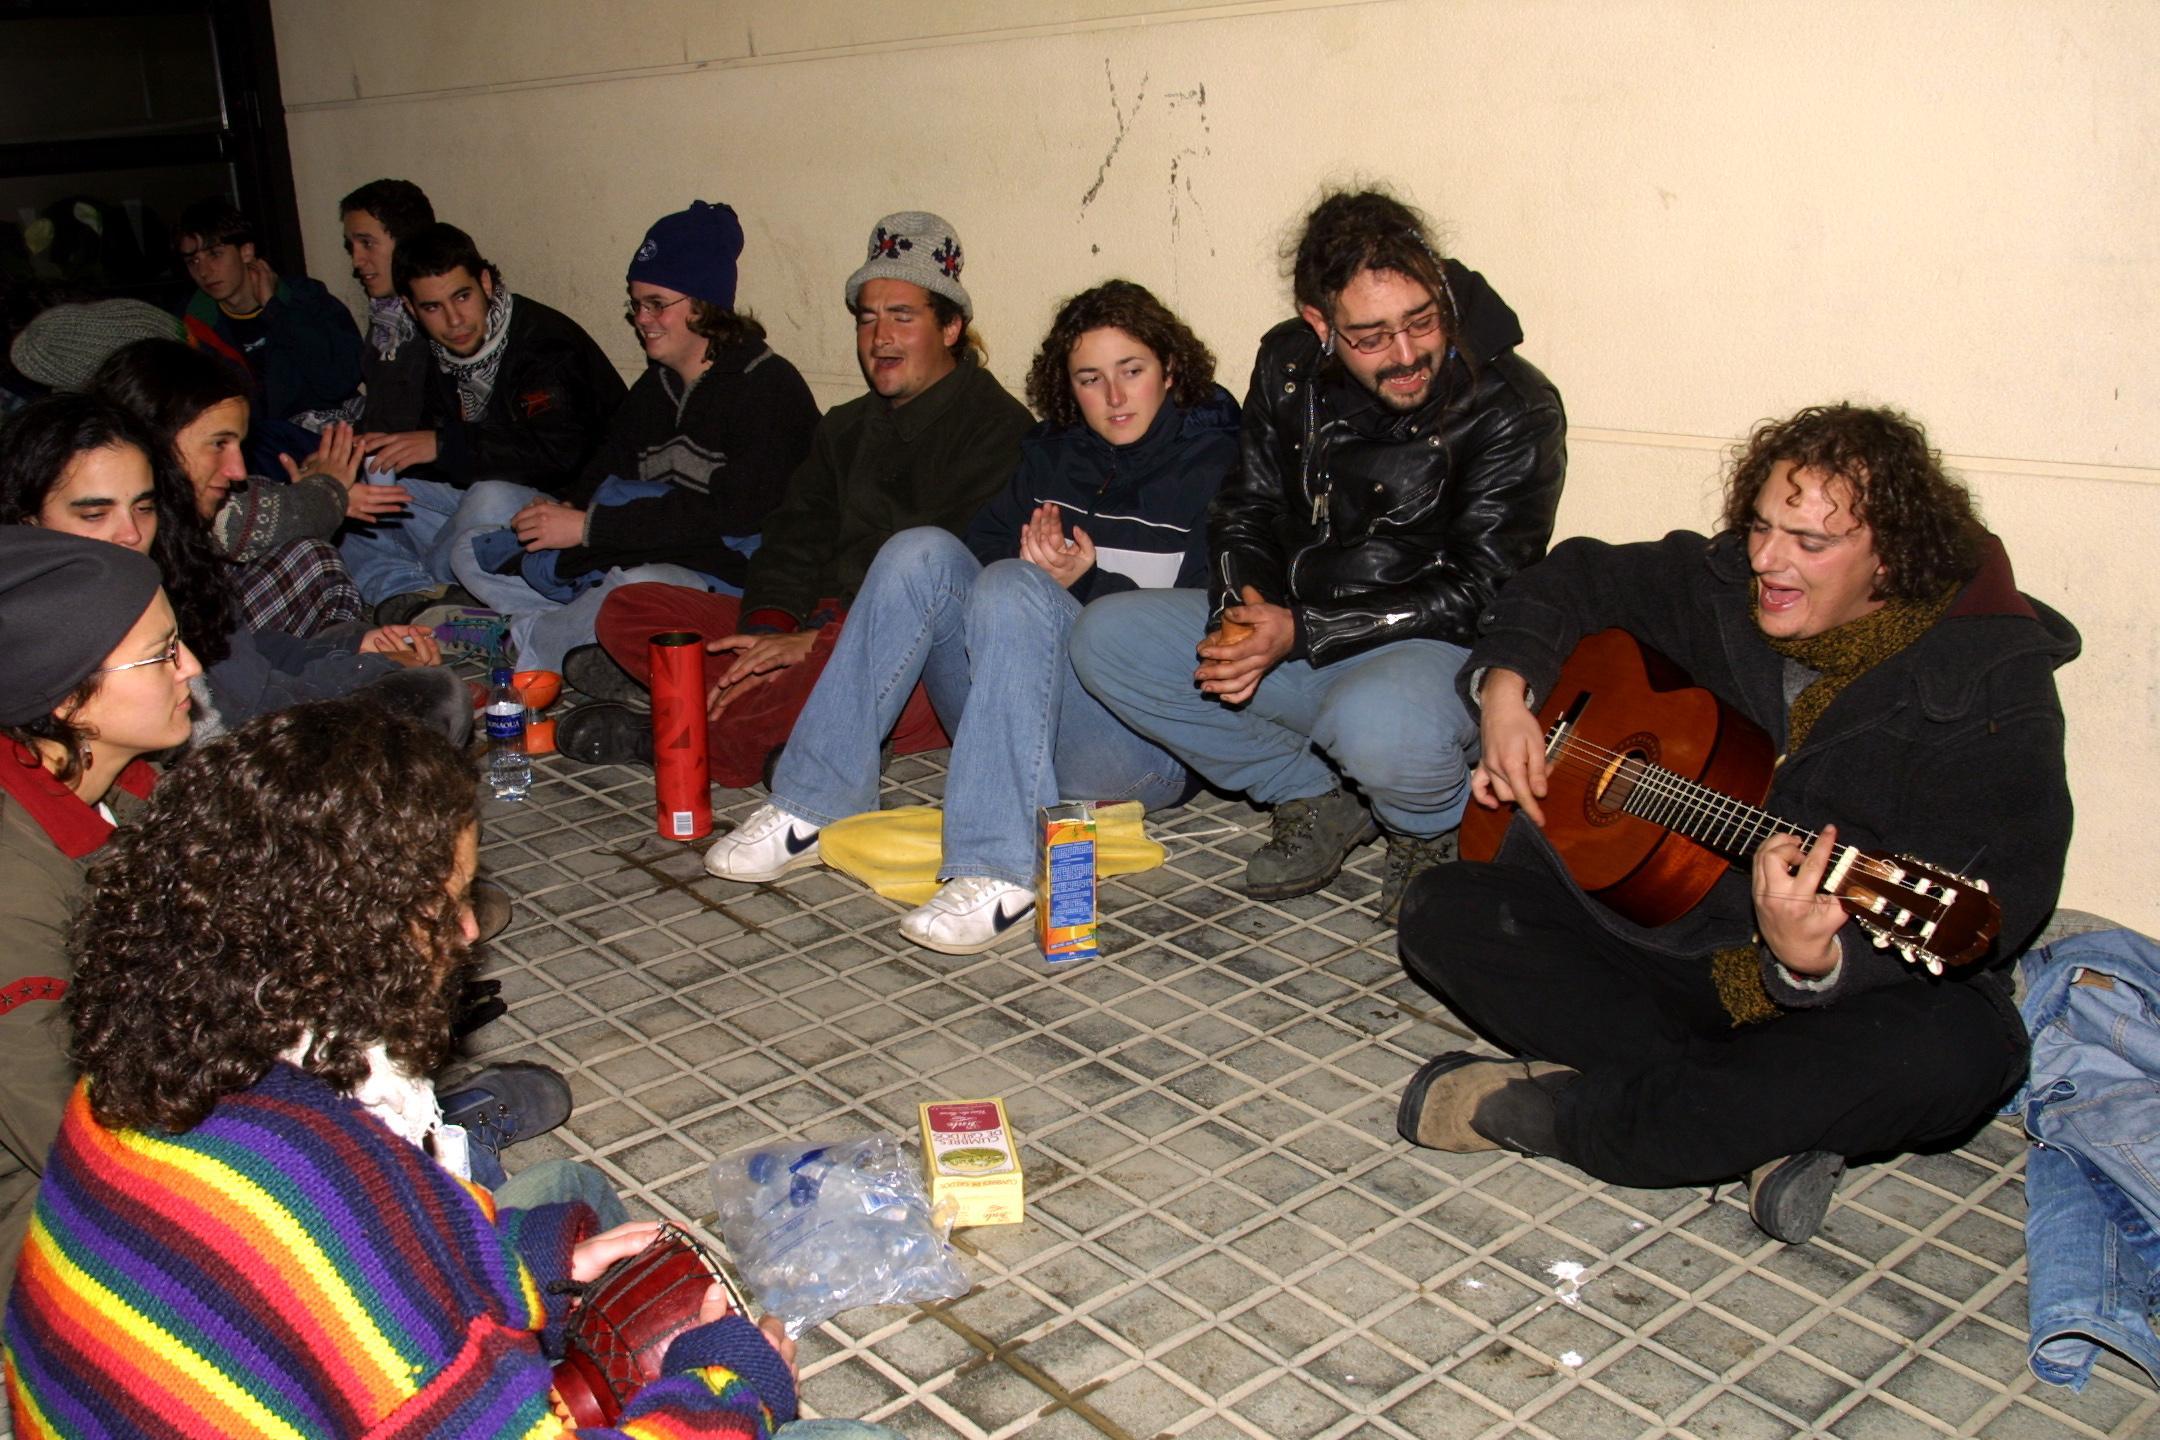 Un grupo de jóvenes de Toledo, en su tiempo libre nocturno en Muxía. <br><b>José Manuel Casal</b>